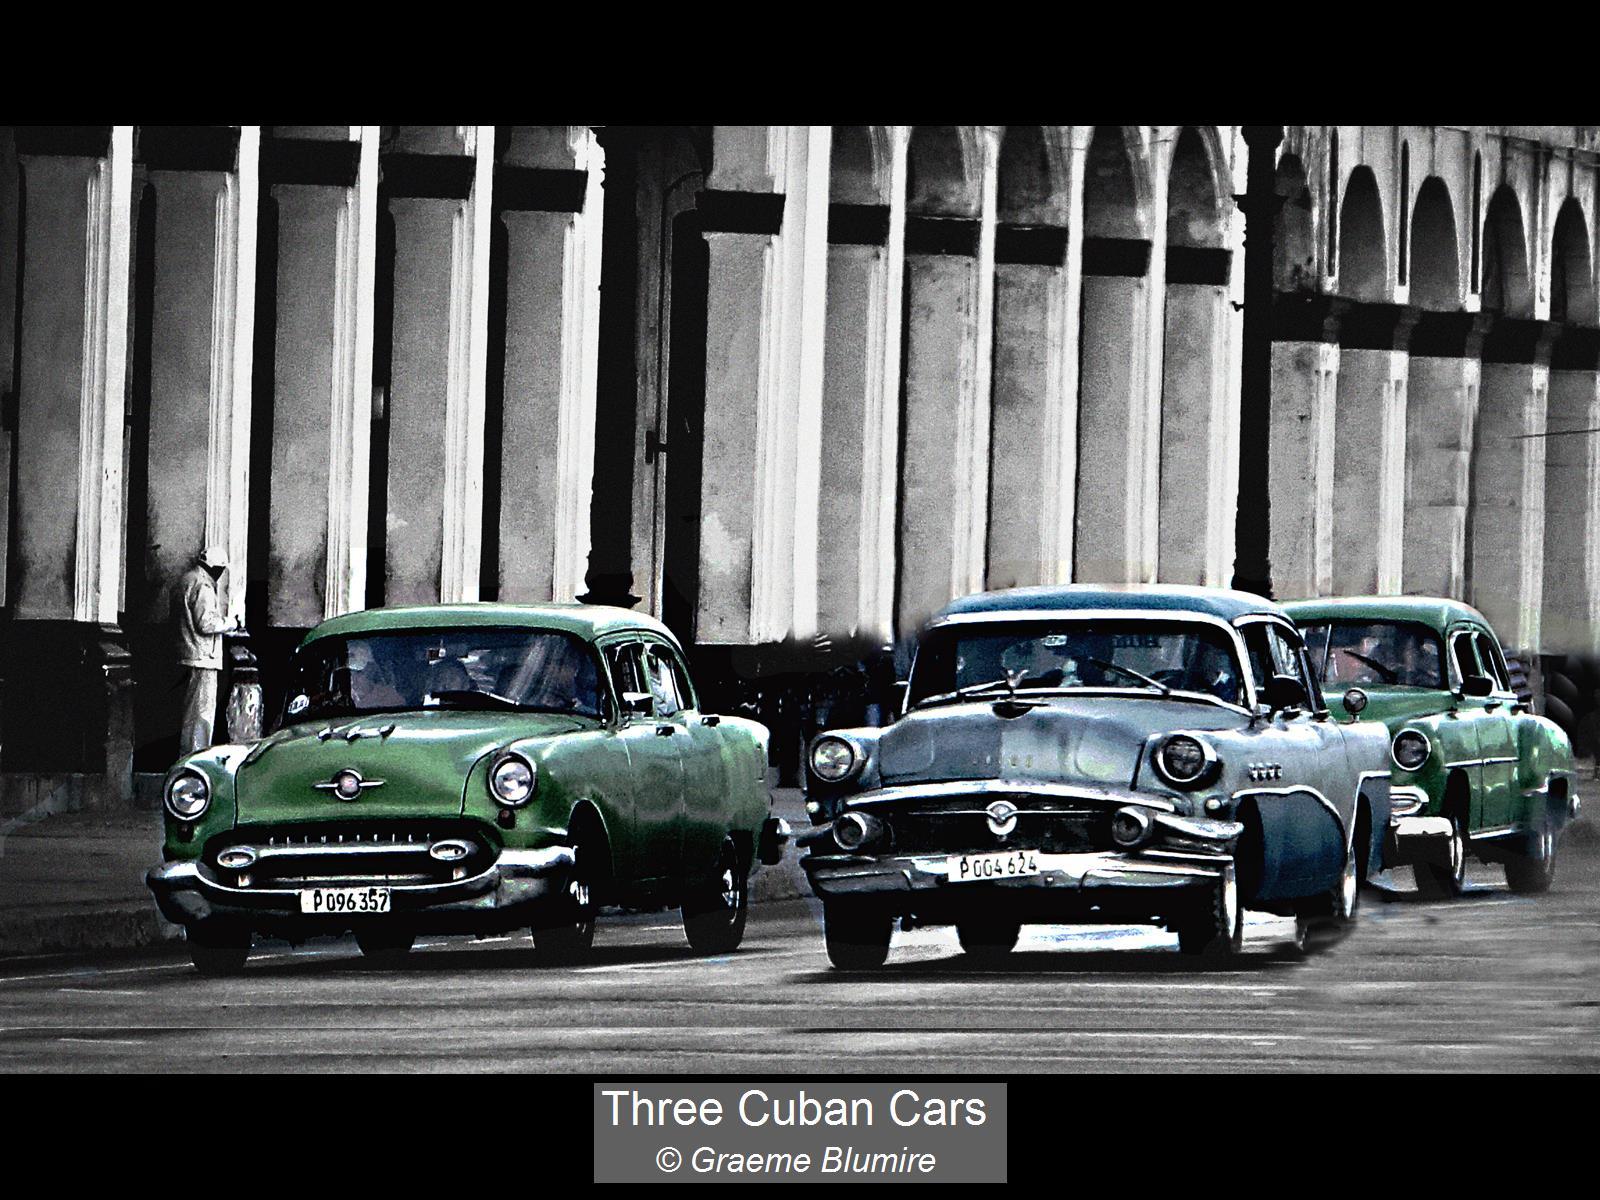 Graeme Blumire_Three Cuban Cars_None